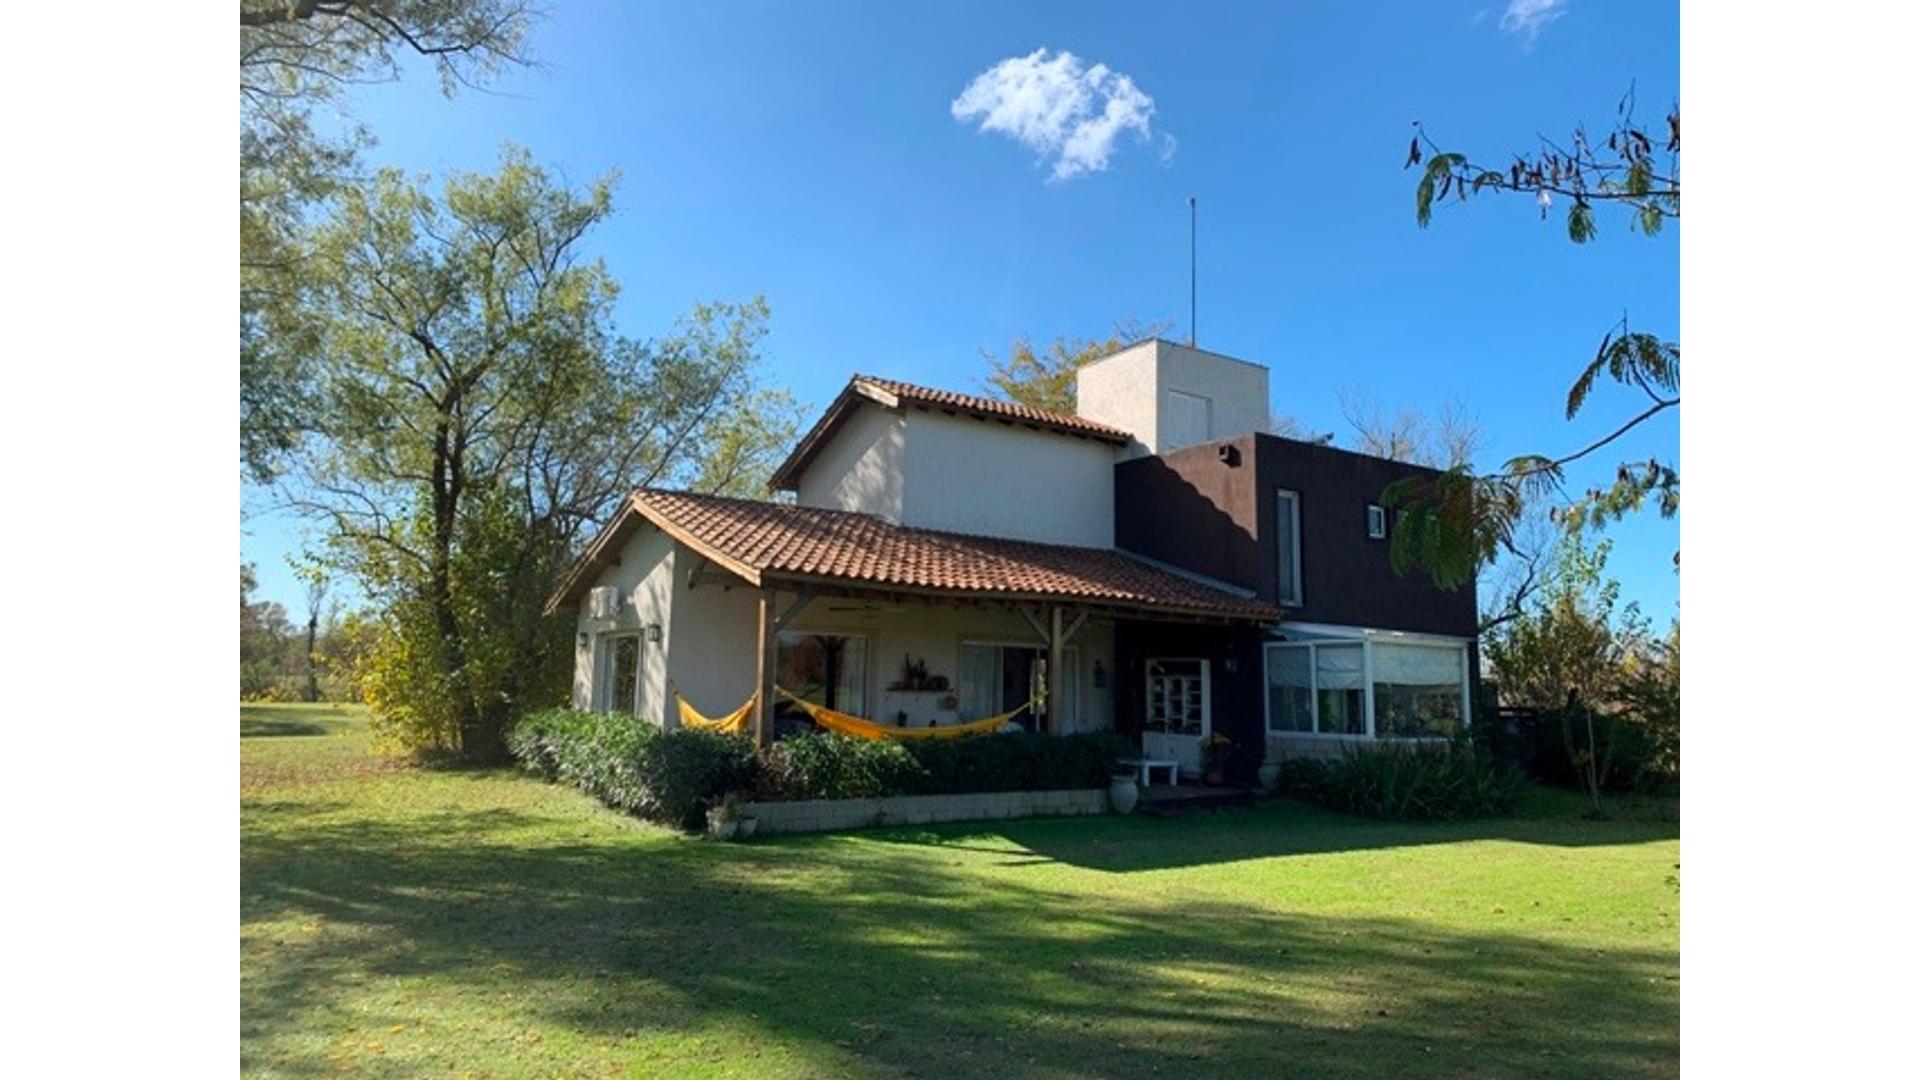 Lago De Manzanares - Vm Martignone Lote / N° 0 - U$D 295.000 - Casa en Venta